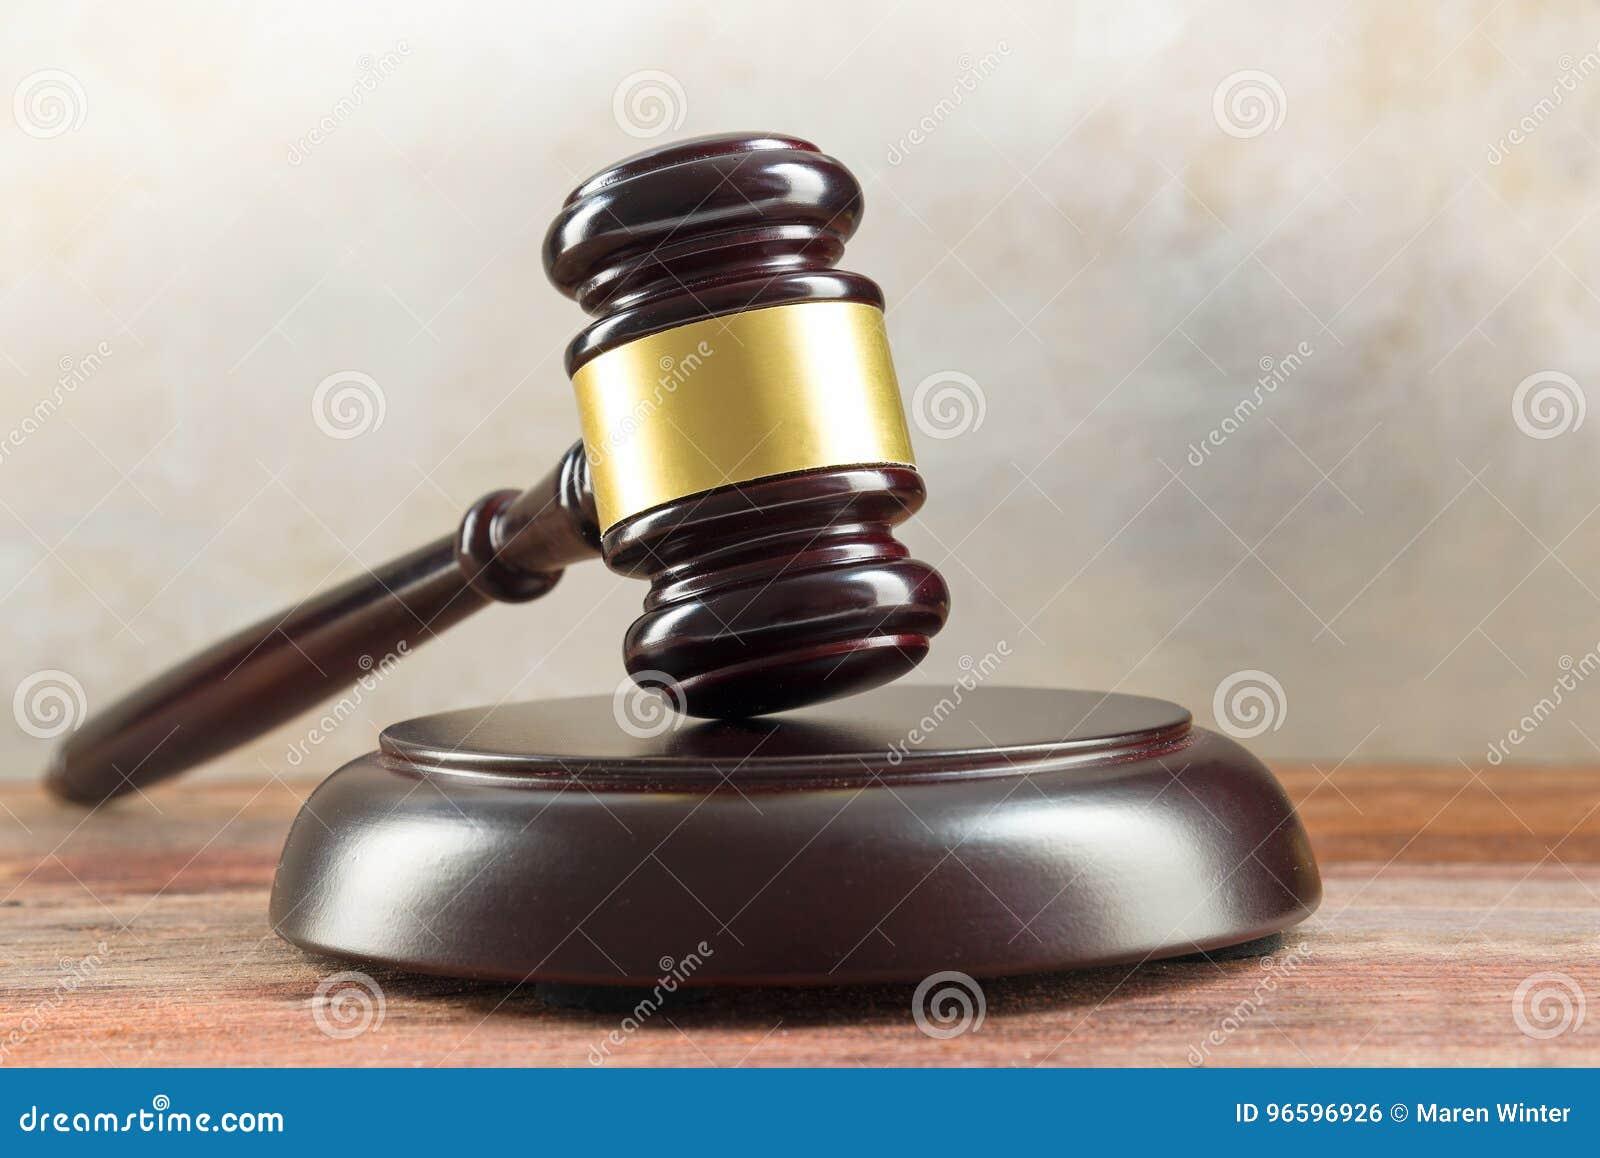 Судите молоток и резонансное устройство на деревянном столе, символ правосудия и